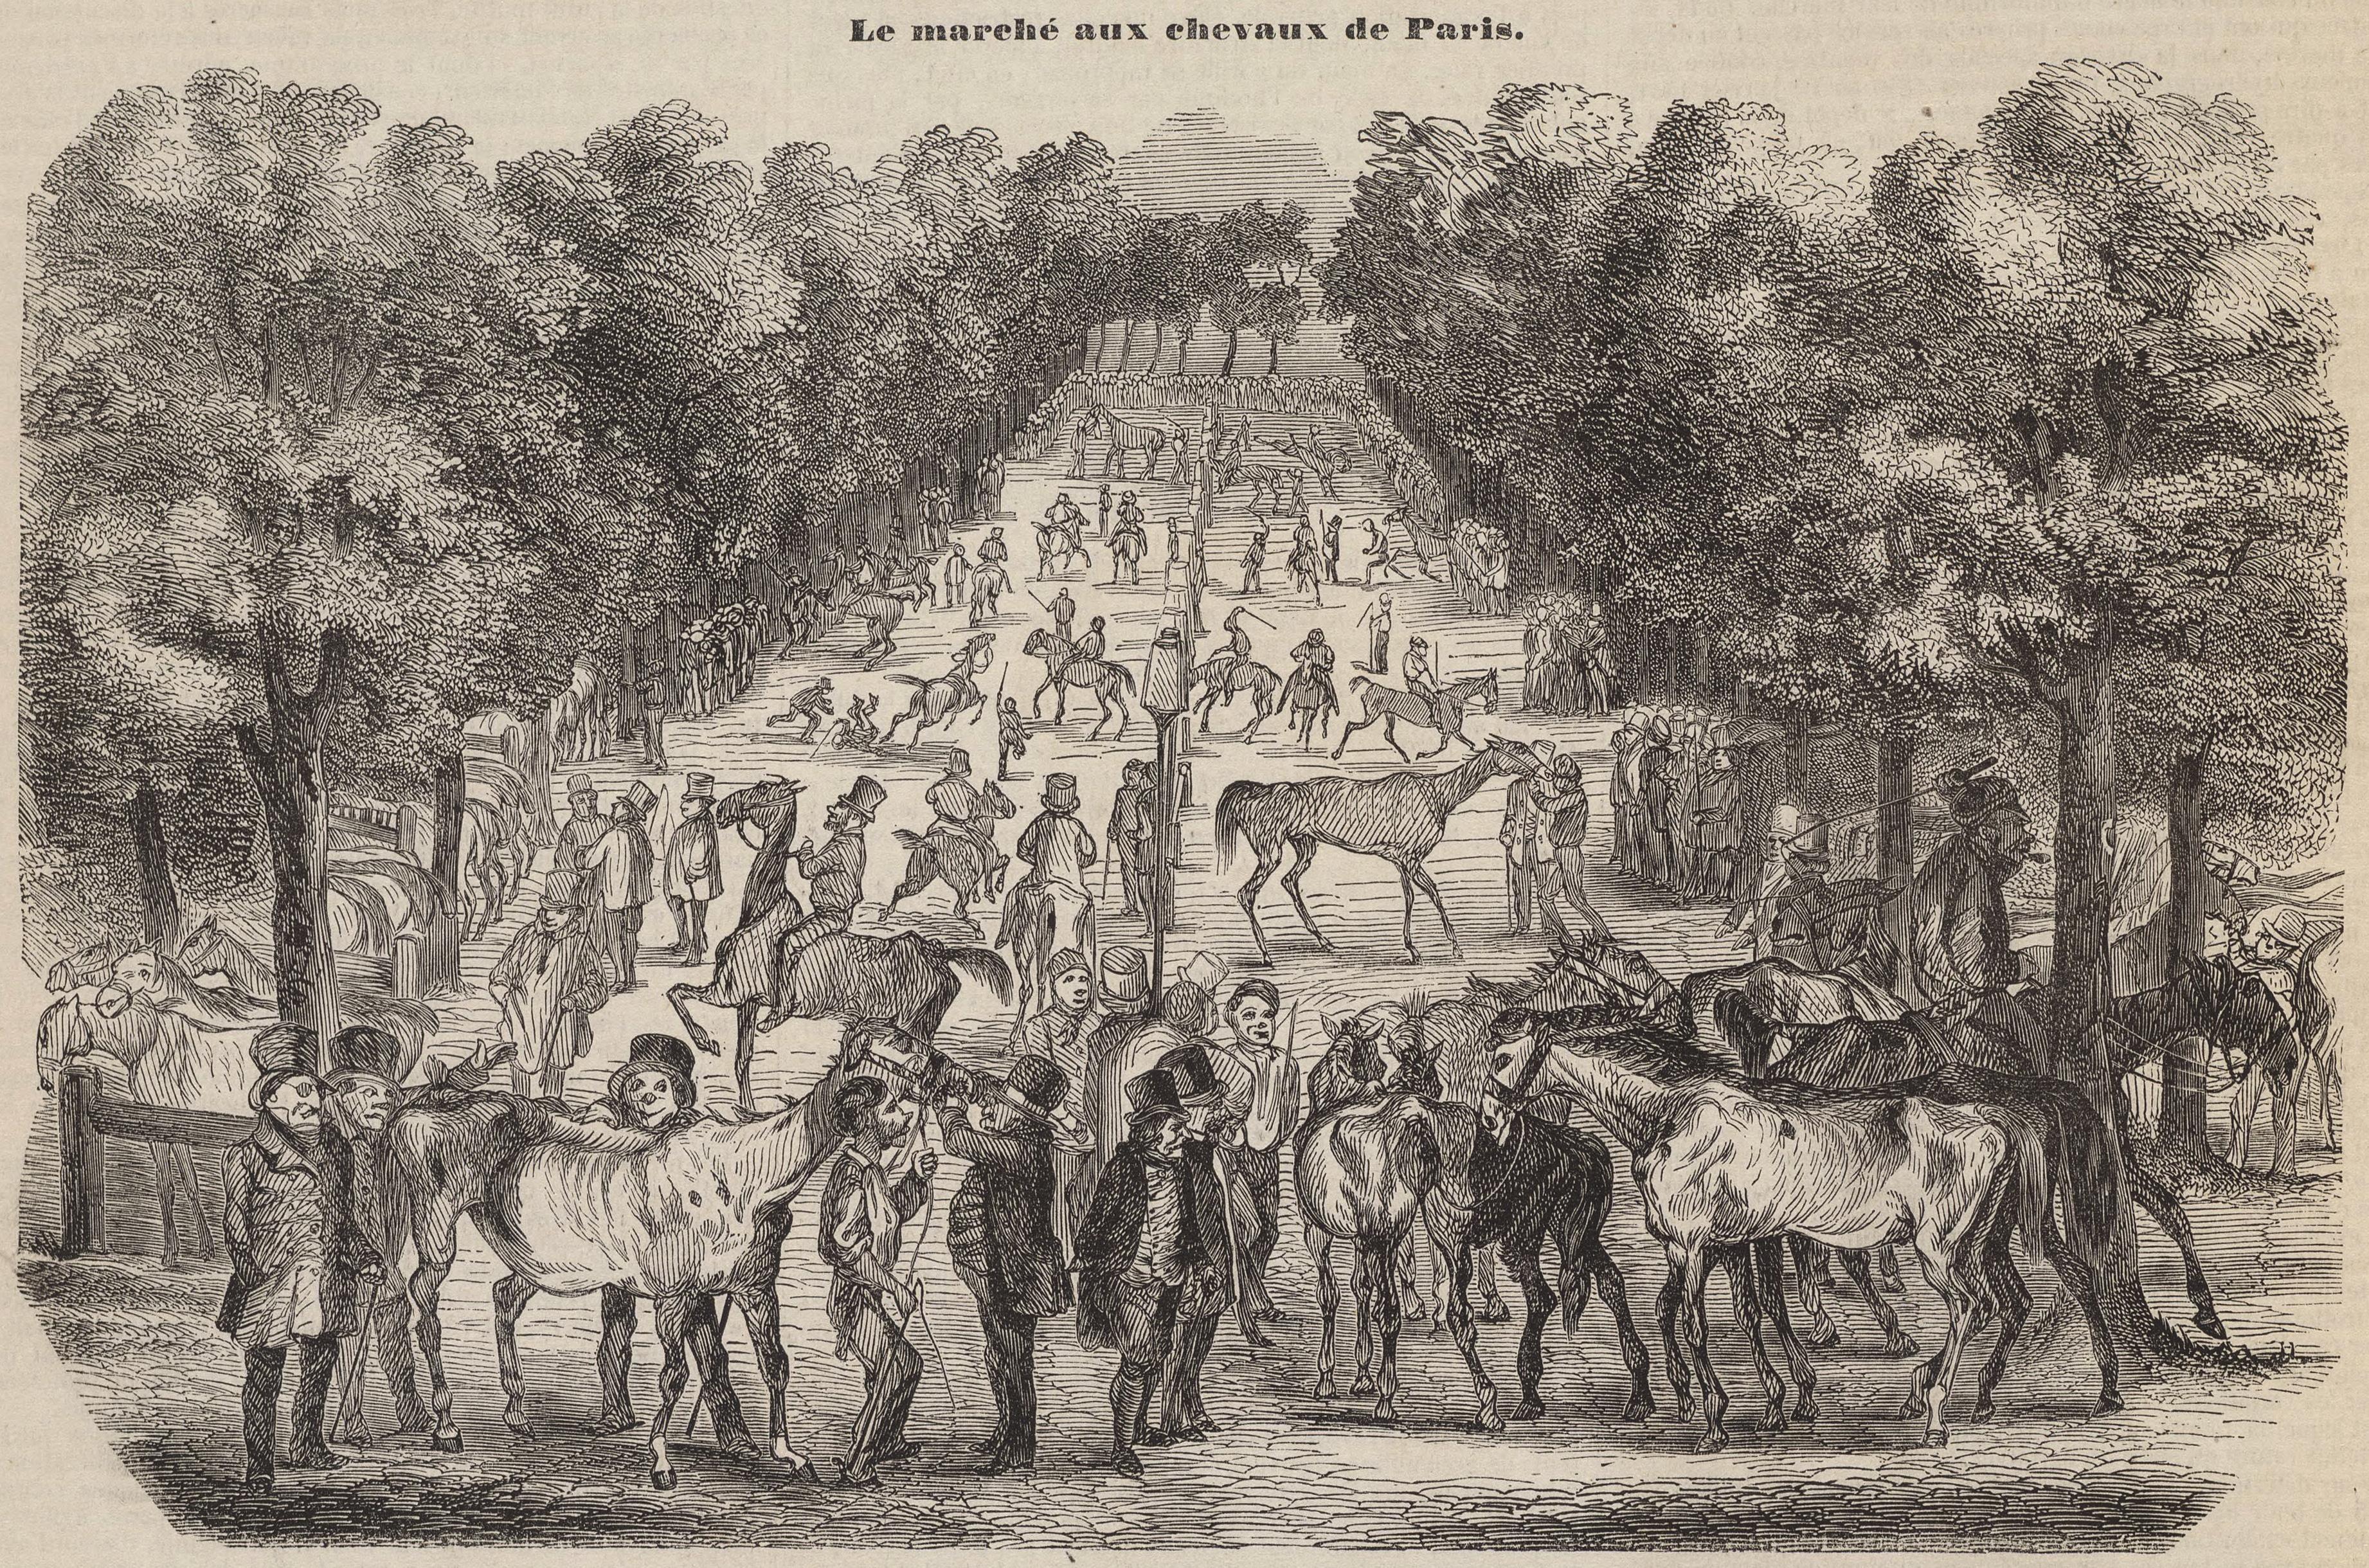 File:Le marché aux chevaux de Paris, 1853.jpg